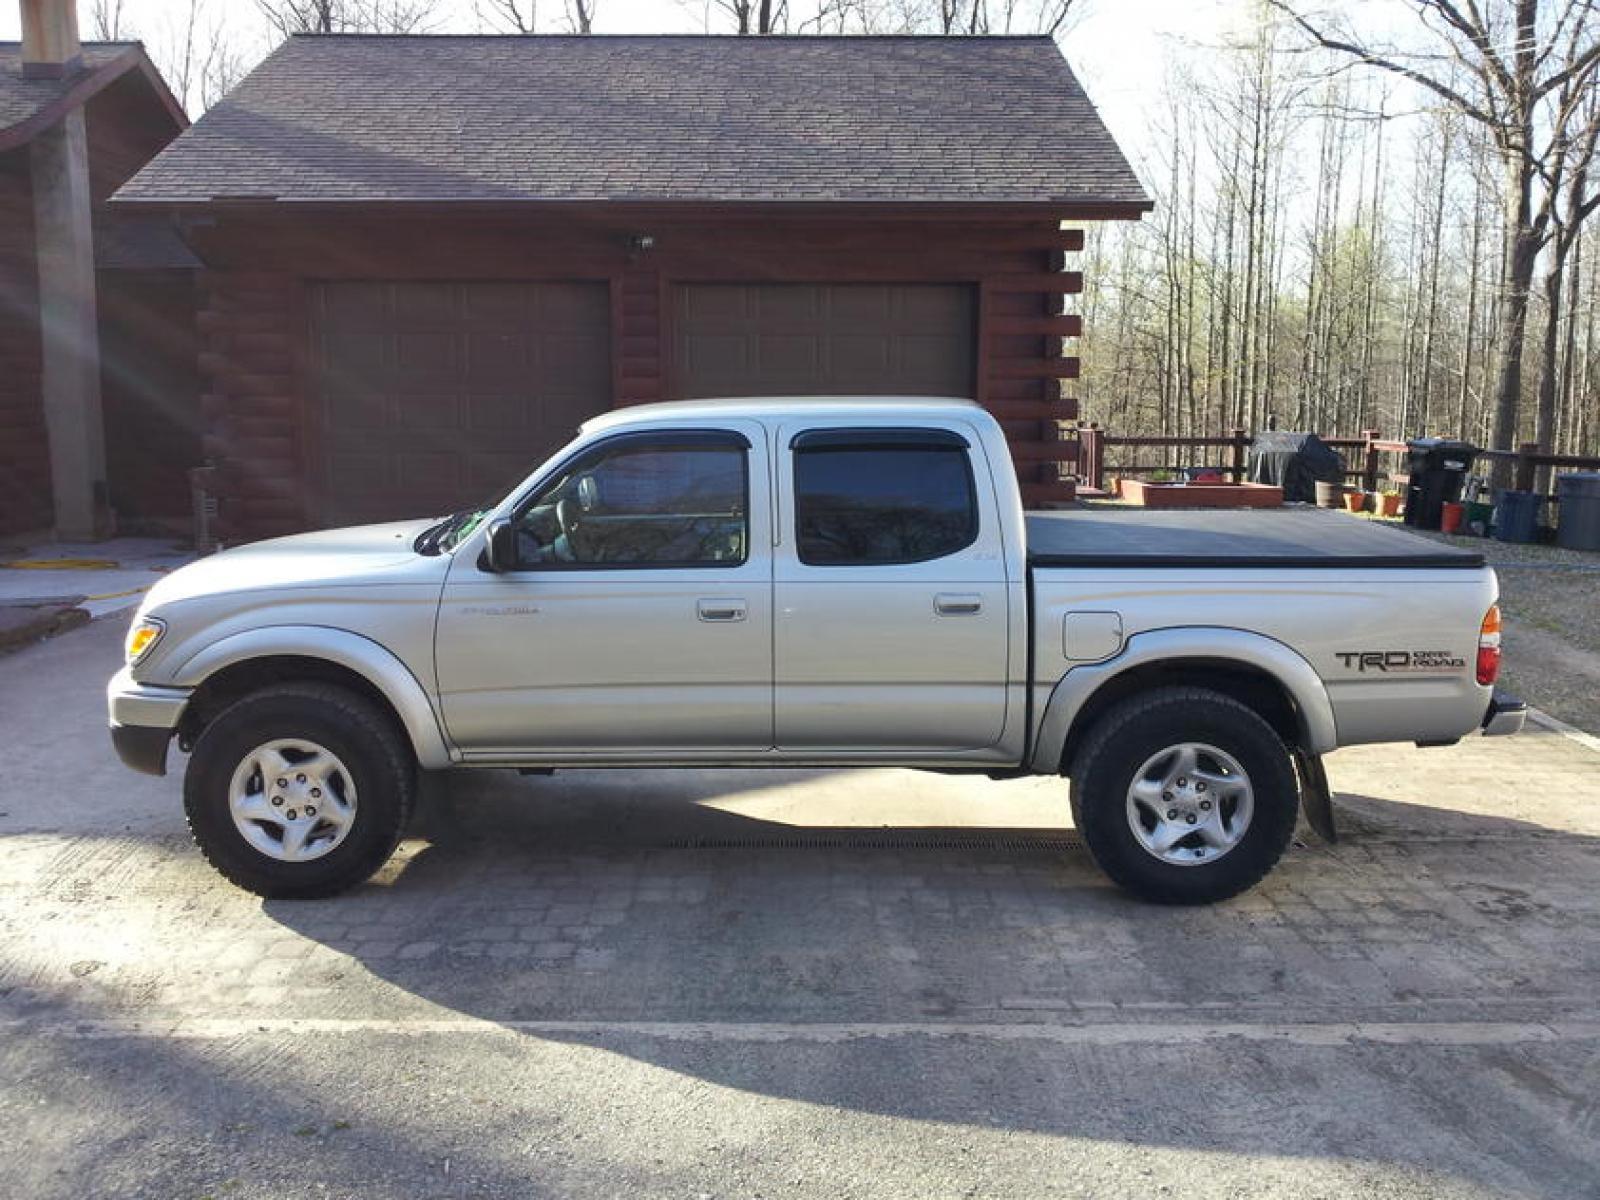 2003 Toyota Tacoma #1 800 1024 1280 1600 Origin